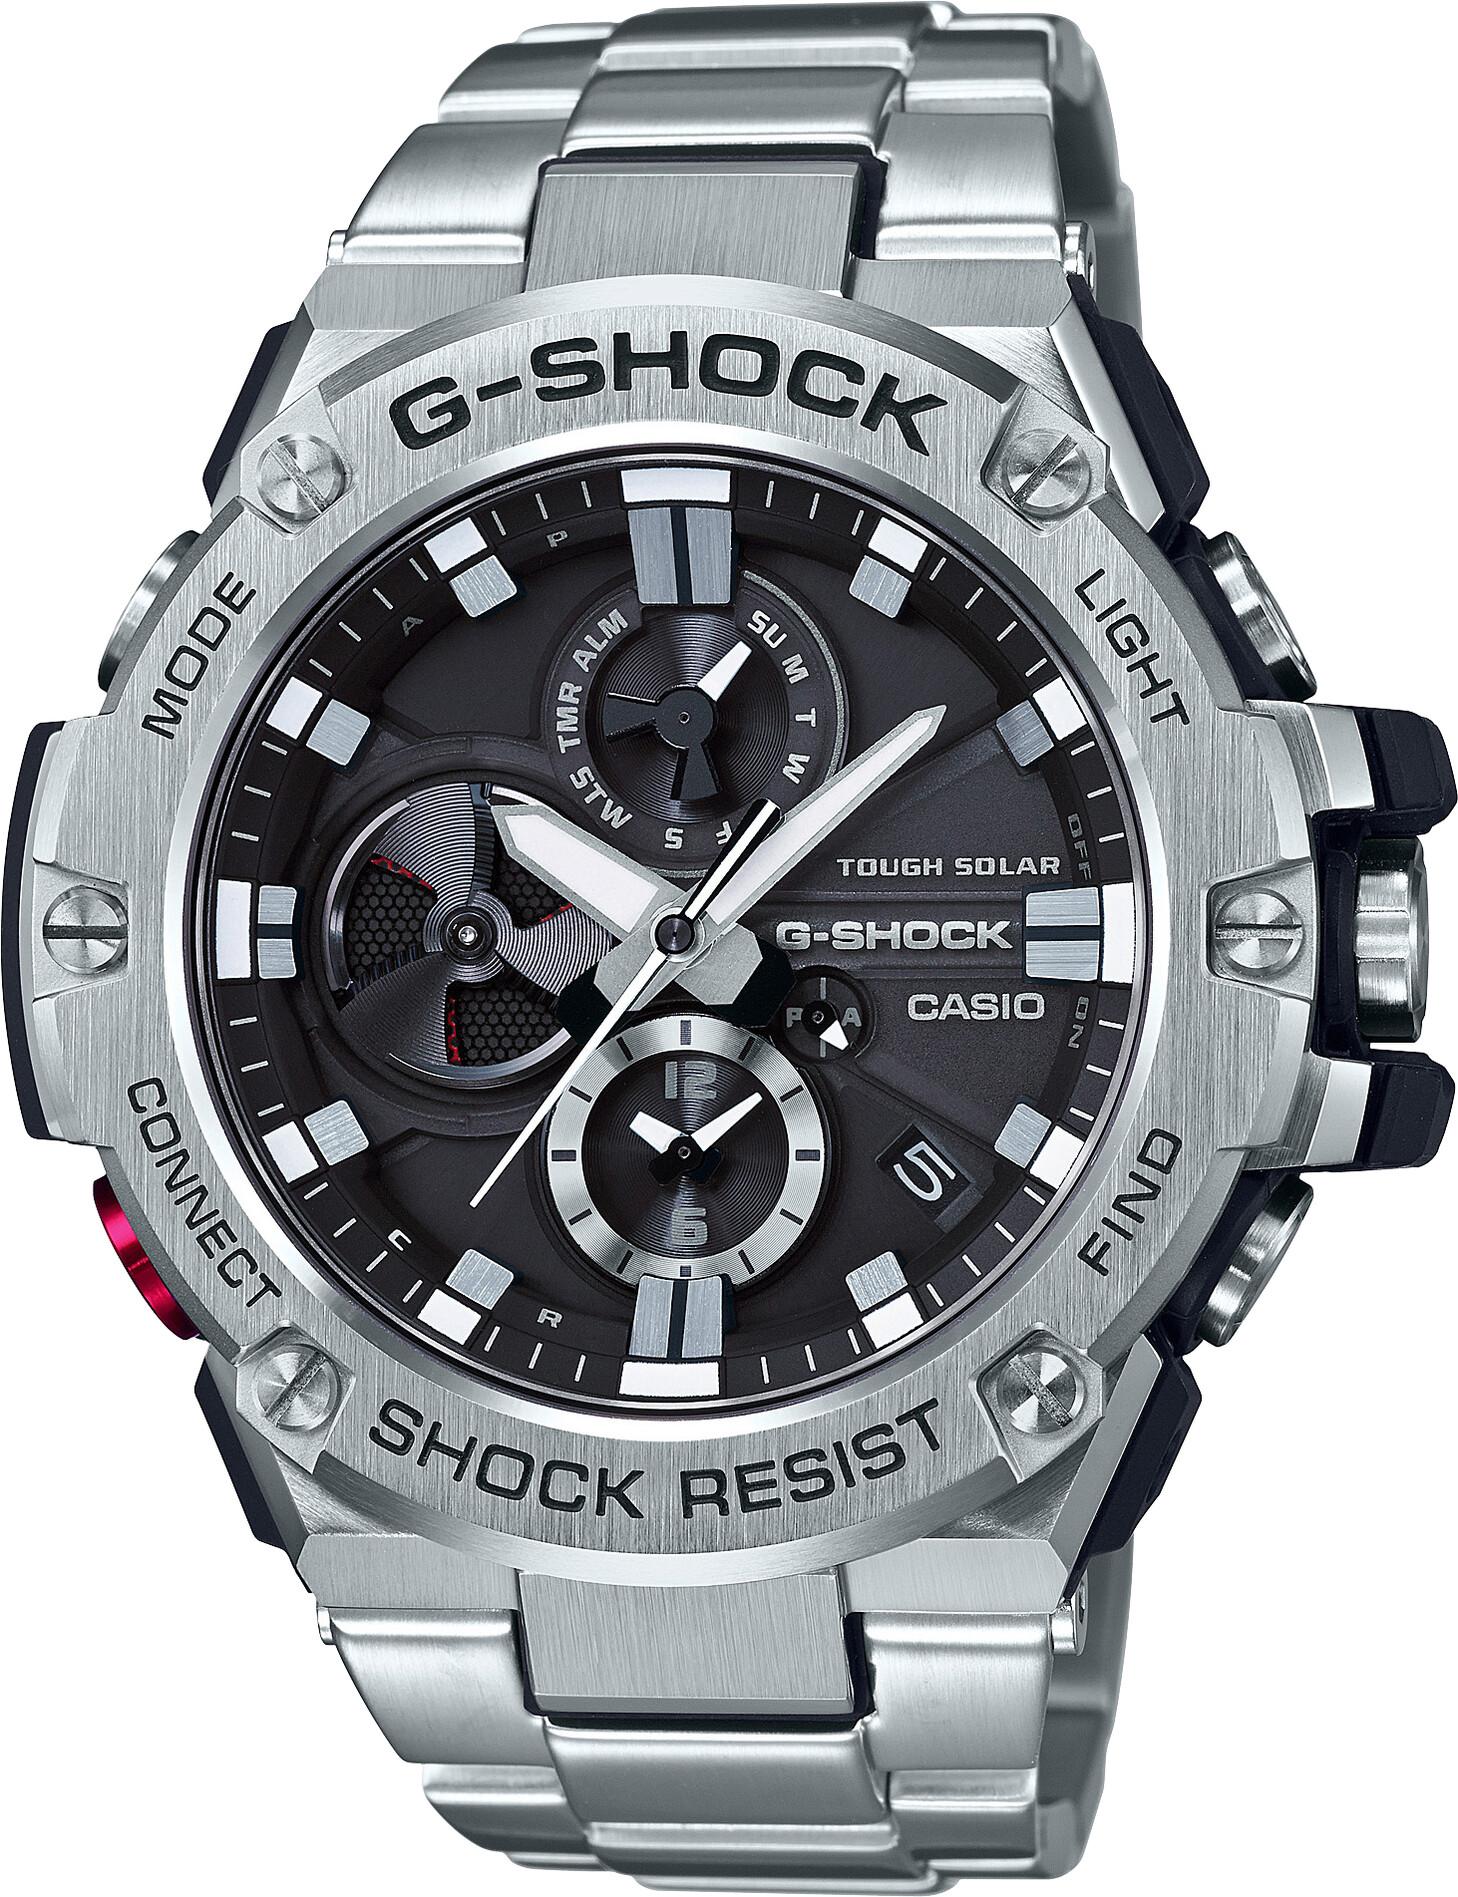 CASIO G-SHOCK GST-B100D-1AER Watch Men, silver/white silver/white black   Sports watches